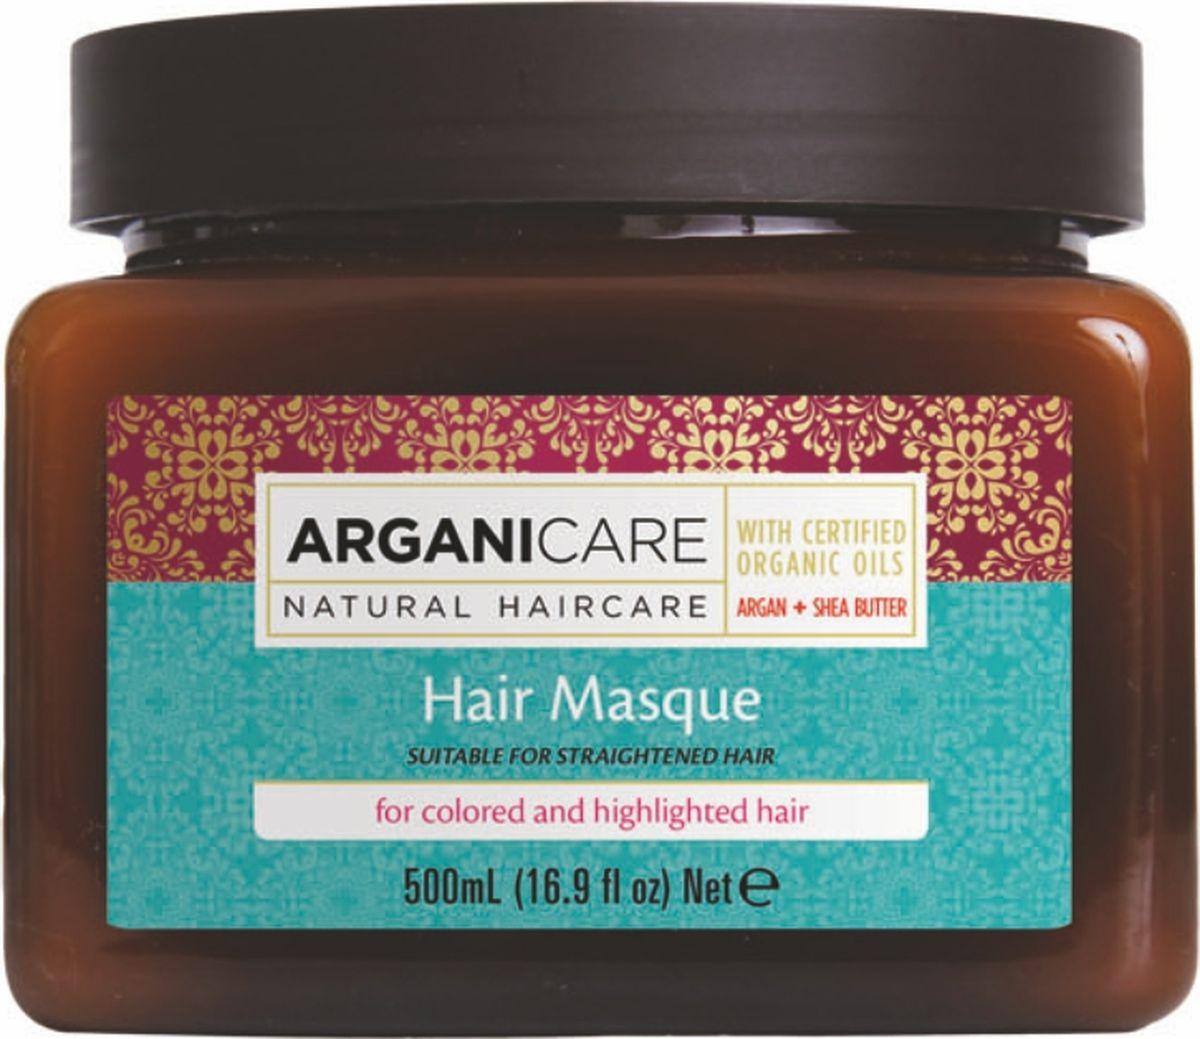 Arganicare Маска для окрашенных и обесцвеченных волос с аргановым маслом Arganicare, 500 млMP59.4DМасло арганы (марокканское масло) - увлажняет в 4 раза эффективнее, чем масло оливы! Способно мгновенно улучшить внешний вид очень сухих волос: смягчает жесткие волосы, делает их эластичными, послушными, легко расчесывающимися.Маст хэв для волос после окрашивания и химической завивки! - идеальна в качестве восстанавливающего средства для ослабленных и повреждённых окрашиванием или мелированием волос;- волосы становятся живыми, блестящими и более устойчивыми к внешнему воздействию.